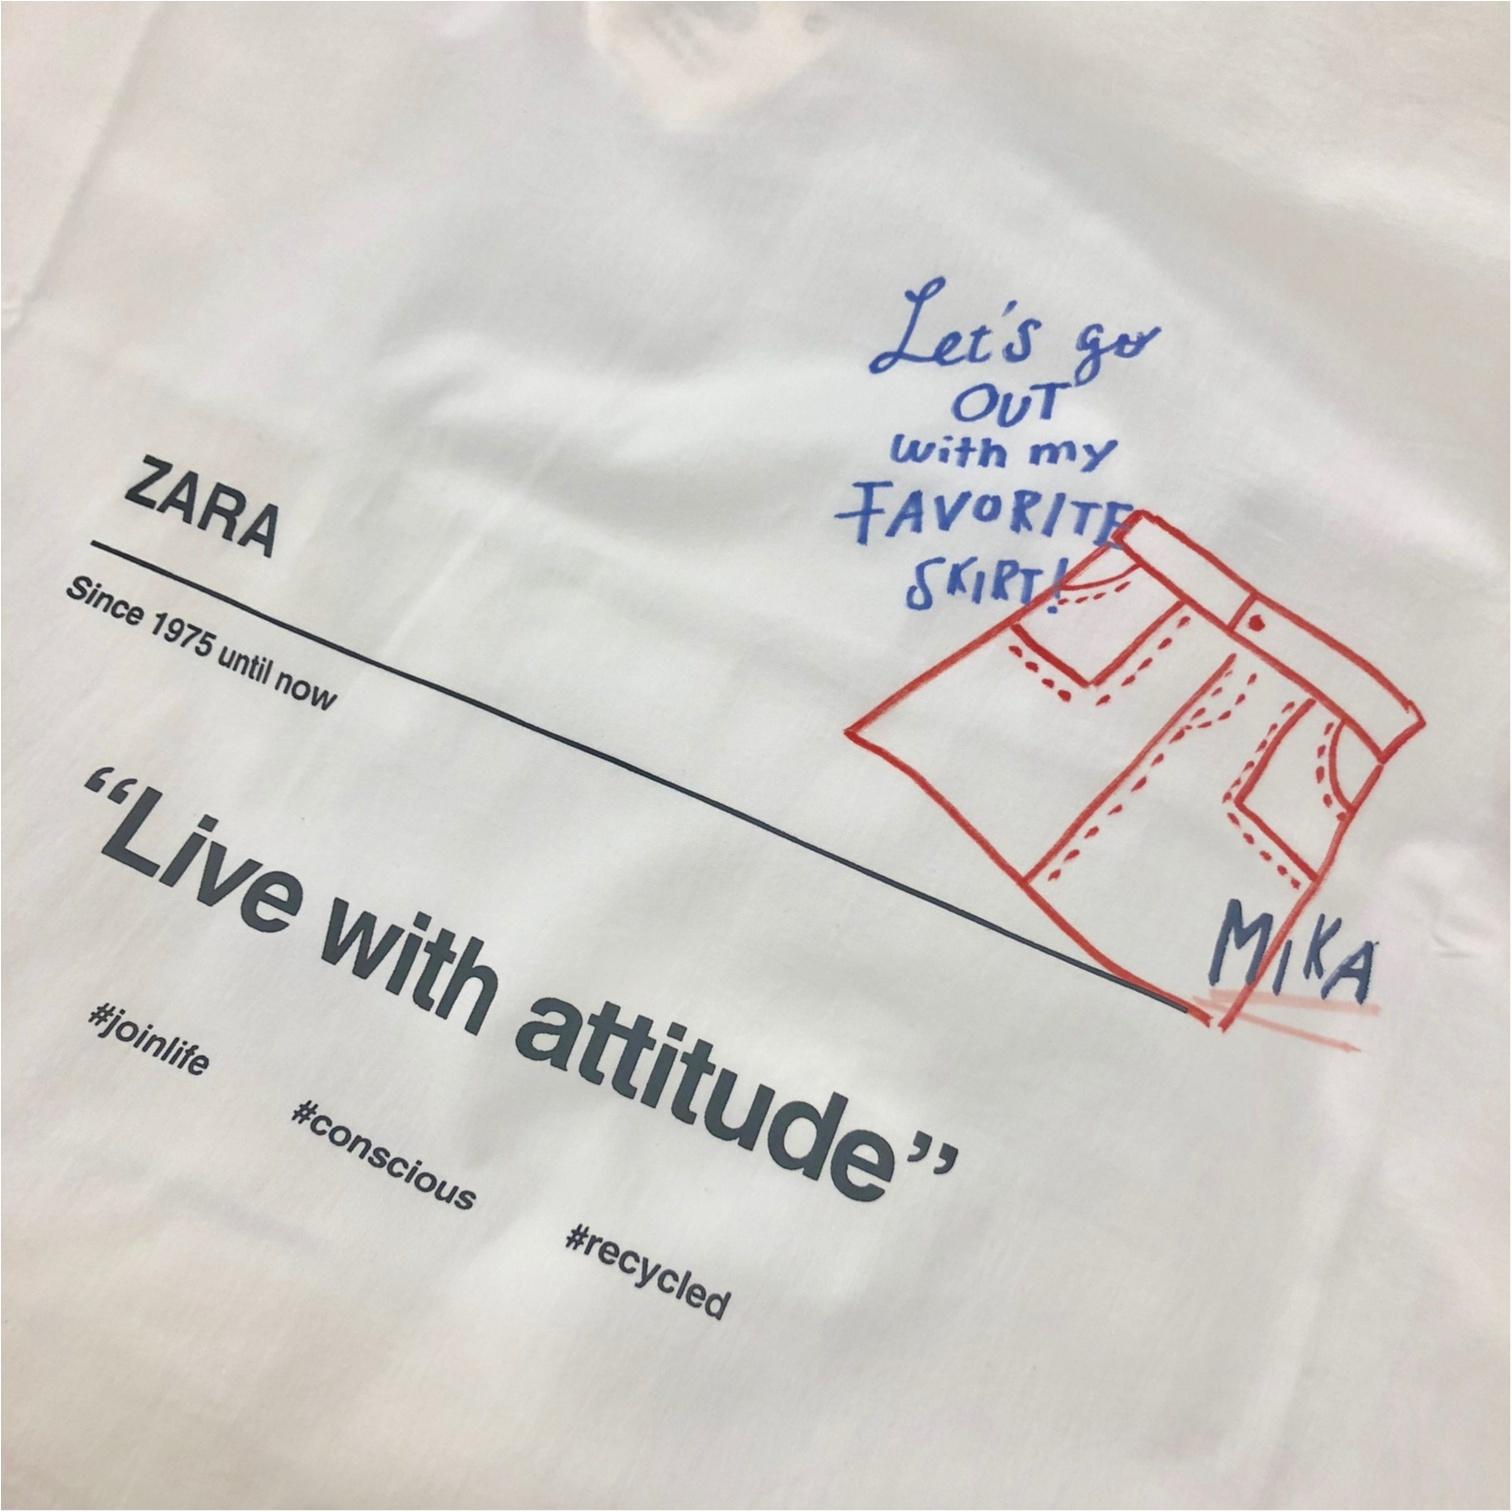 ZARA,ファッション,コーデ,ザラ,新作,あむろちゃん